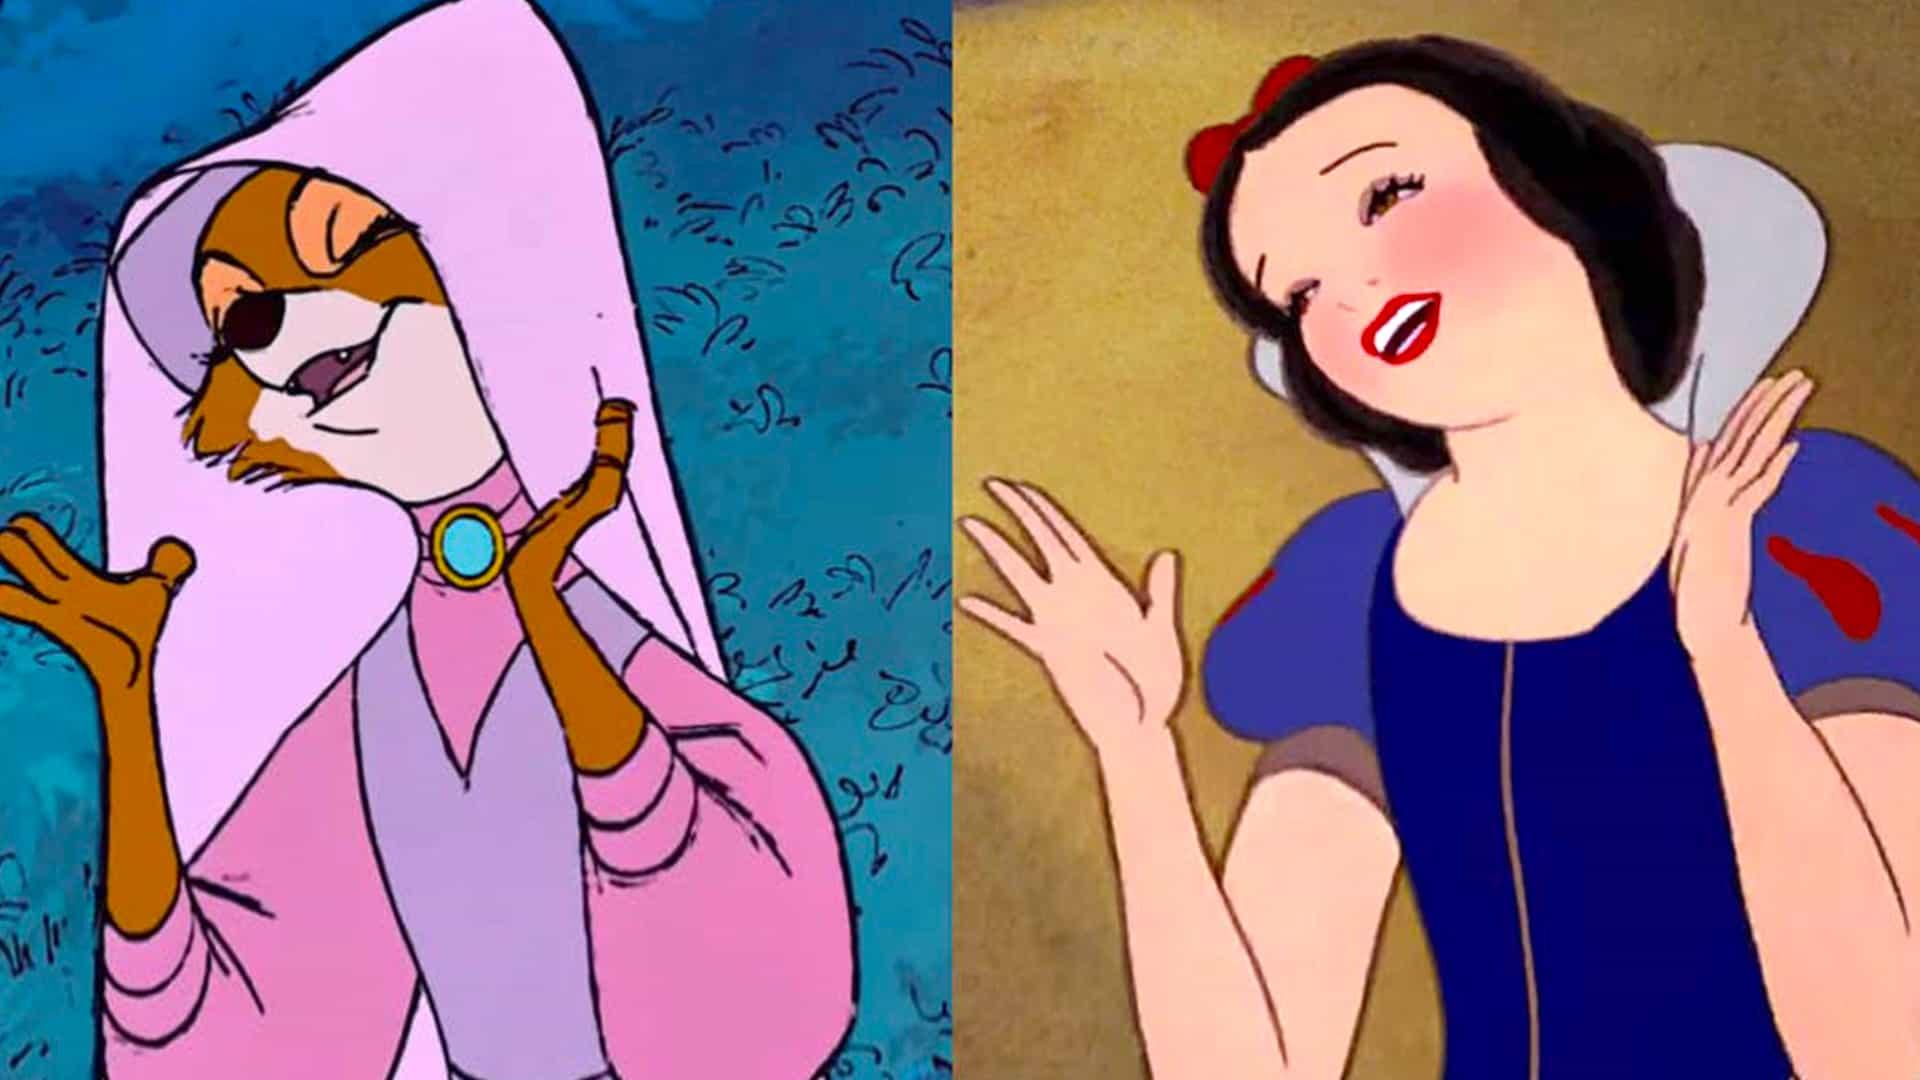 El asombroso secreto de la animación de Disney aturde a Internet